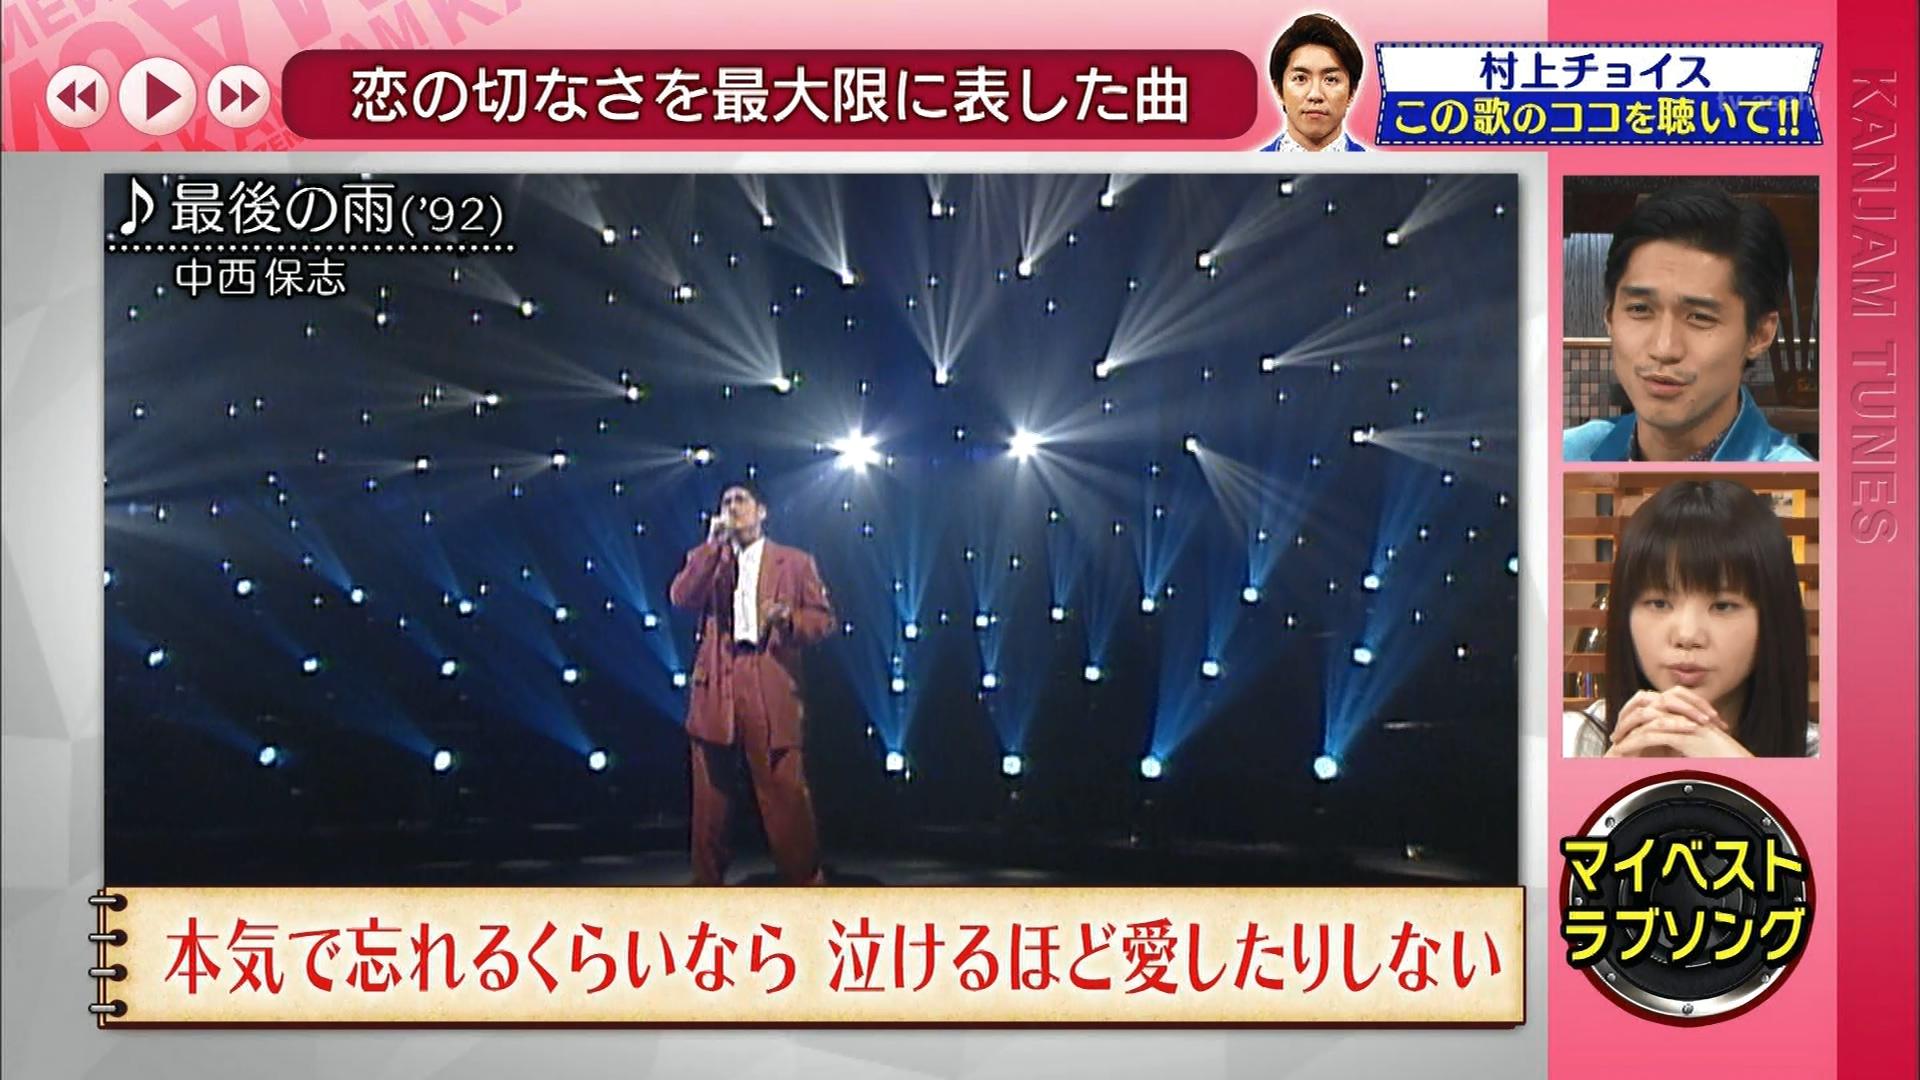 2016.03.13 全場(関ジャム 完全燃SHOW).ts_20160314_023558.791